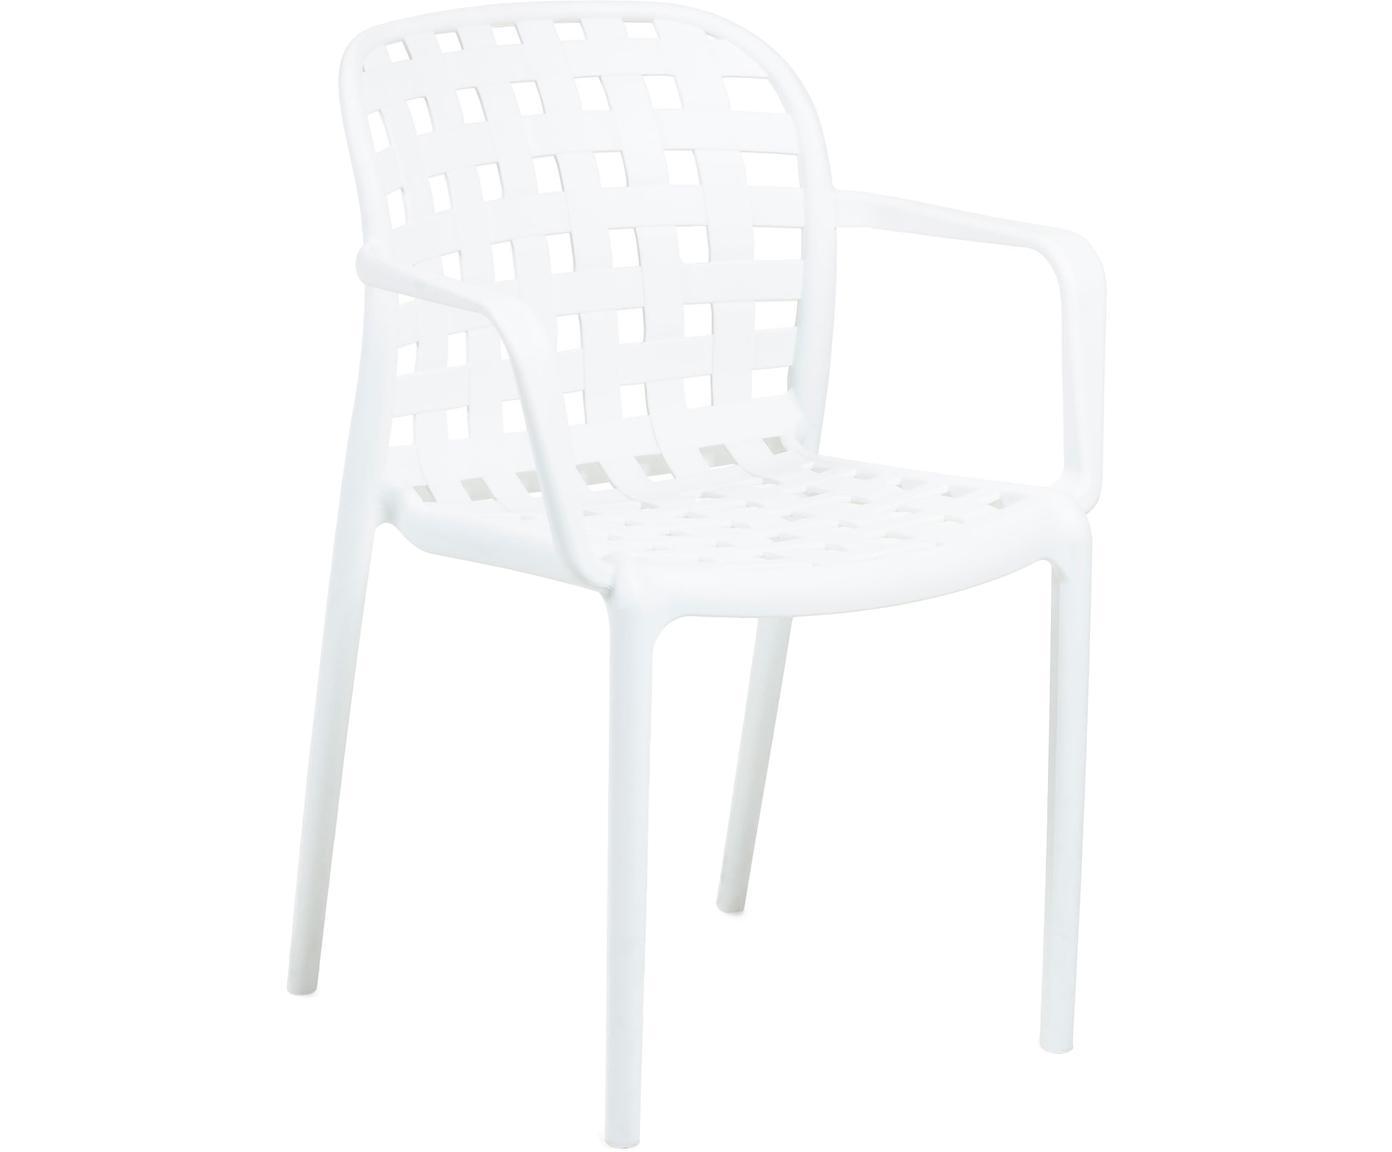 Gartenstuhl Weiß Kunststoff